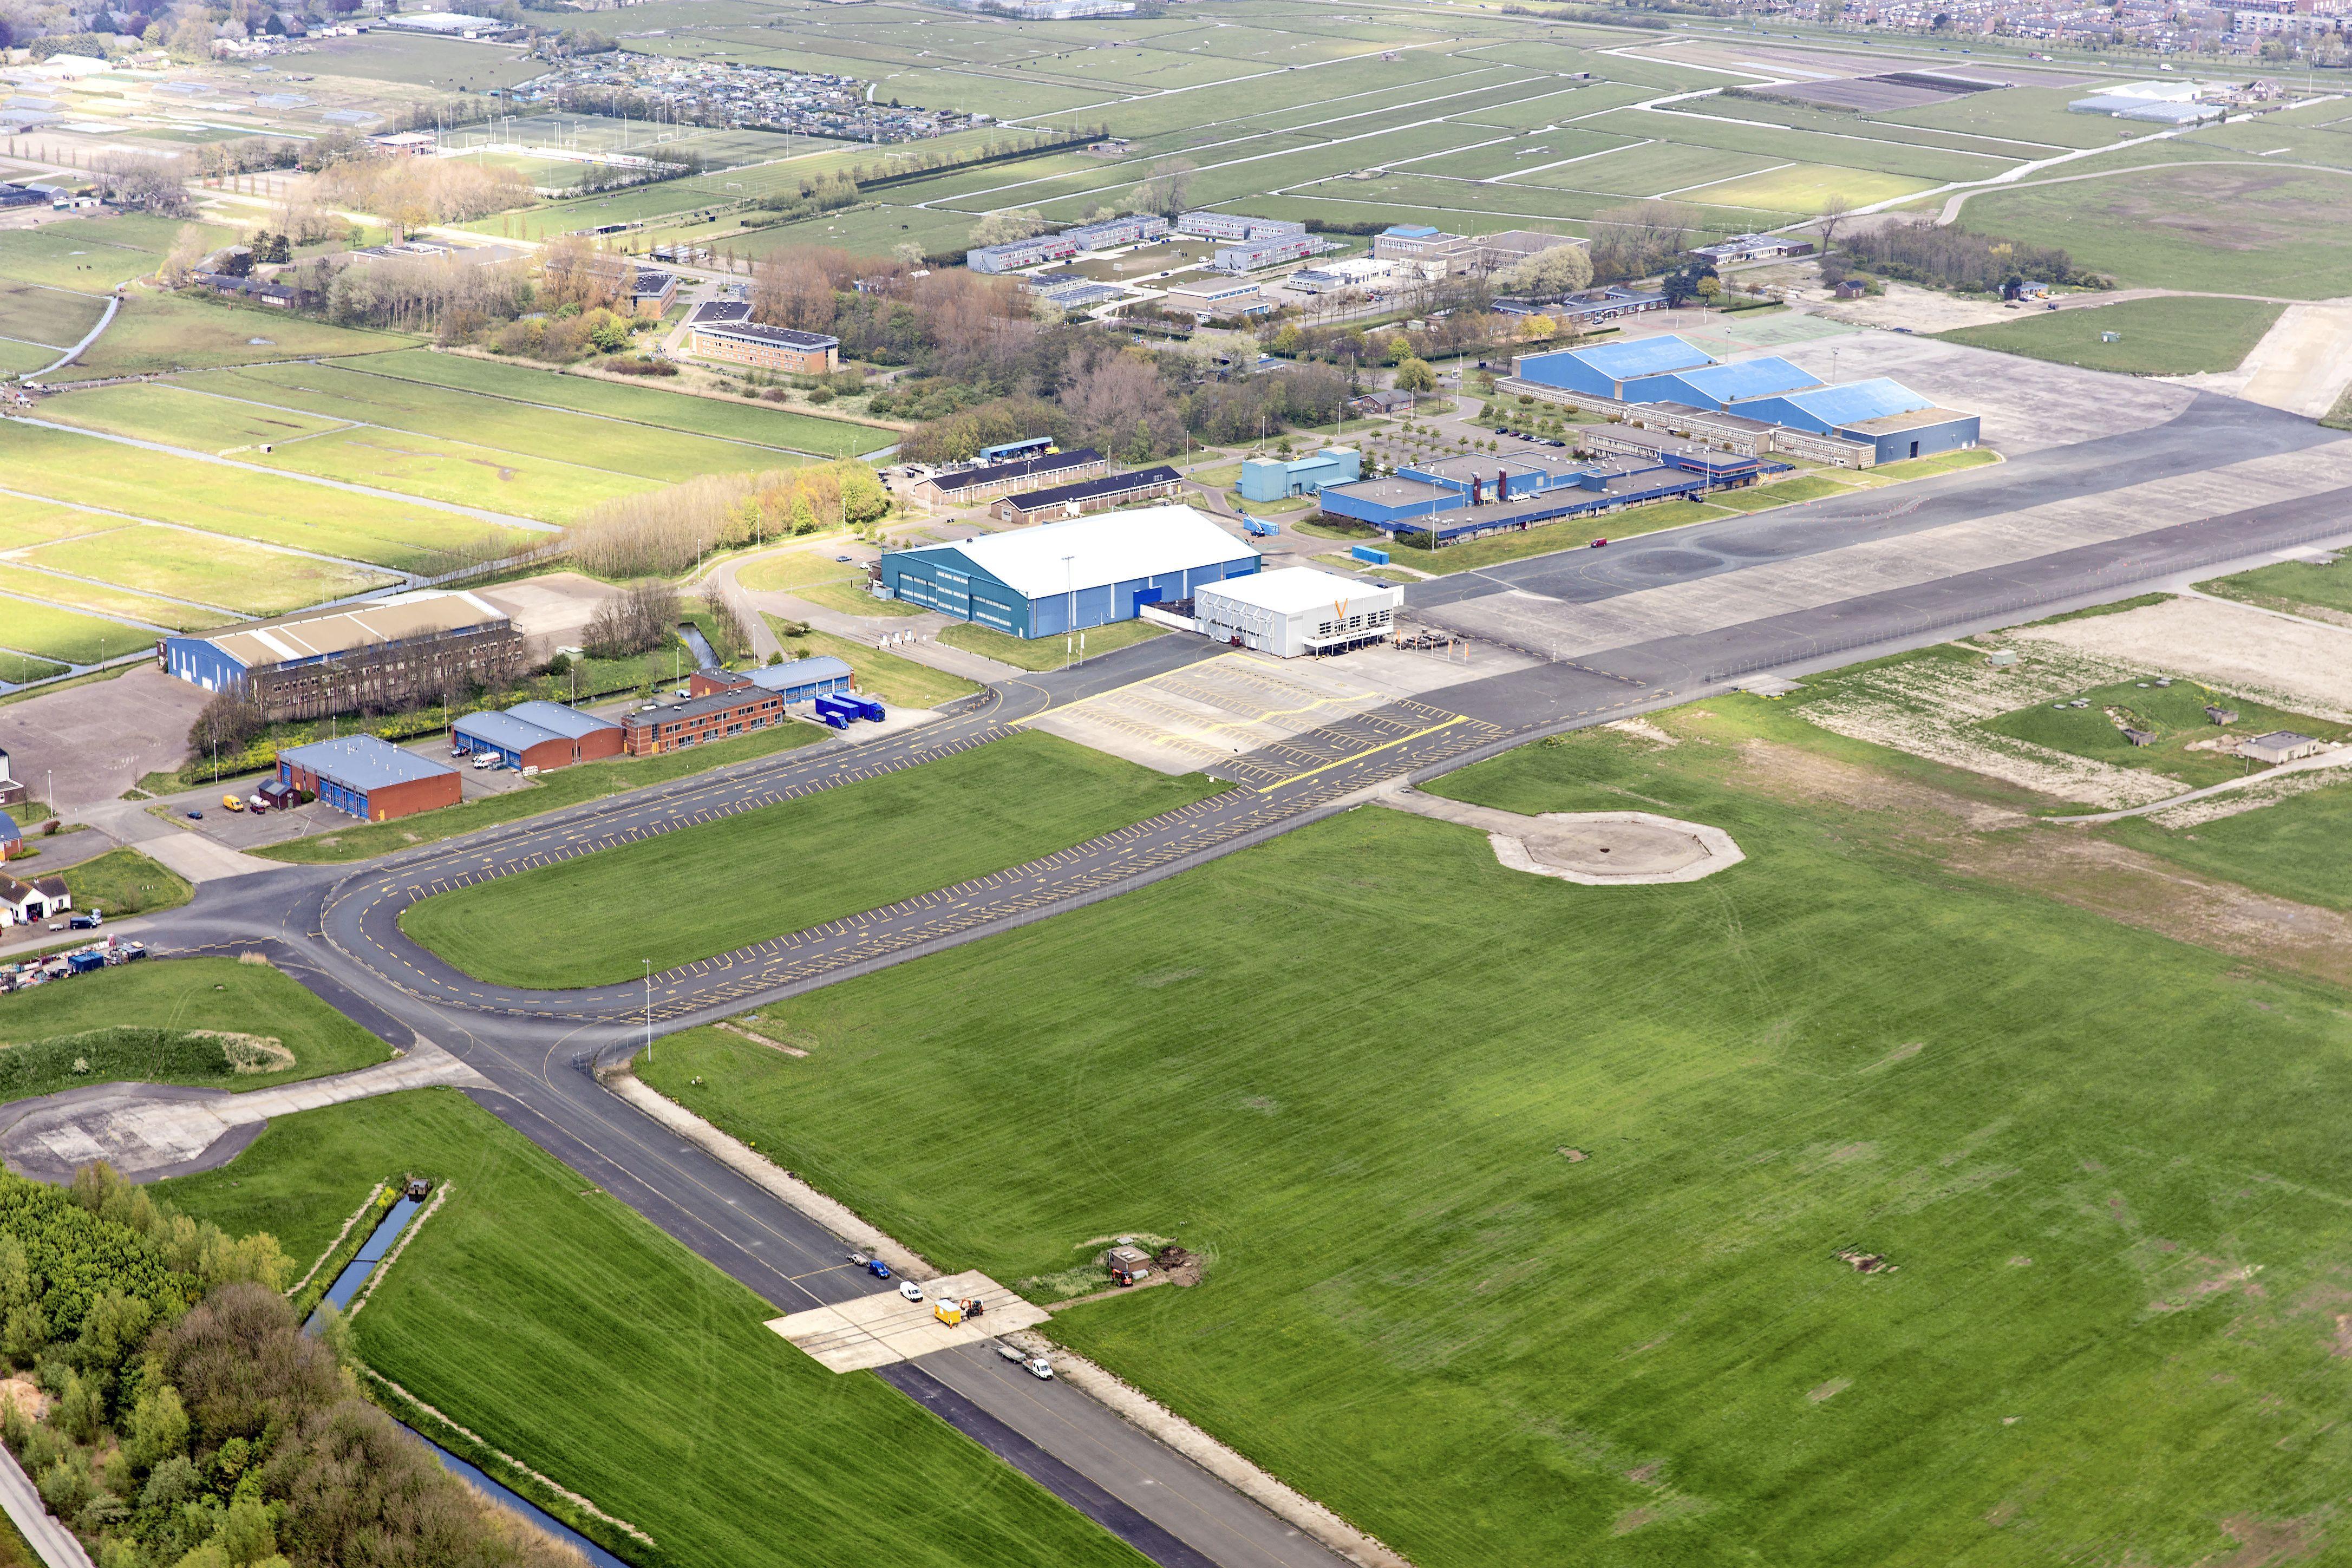 Katwijk wil nieuw kabinet verleiden om alsnog meer voor middeninkomens te bouwen op vliegkamp: 'Als dit lukt, word ik ereburger'